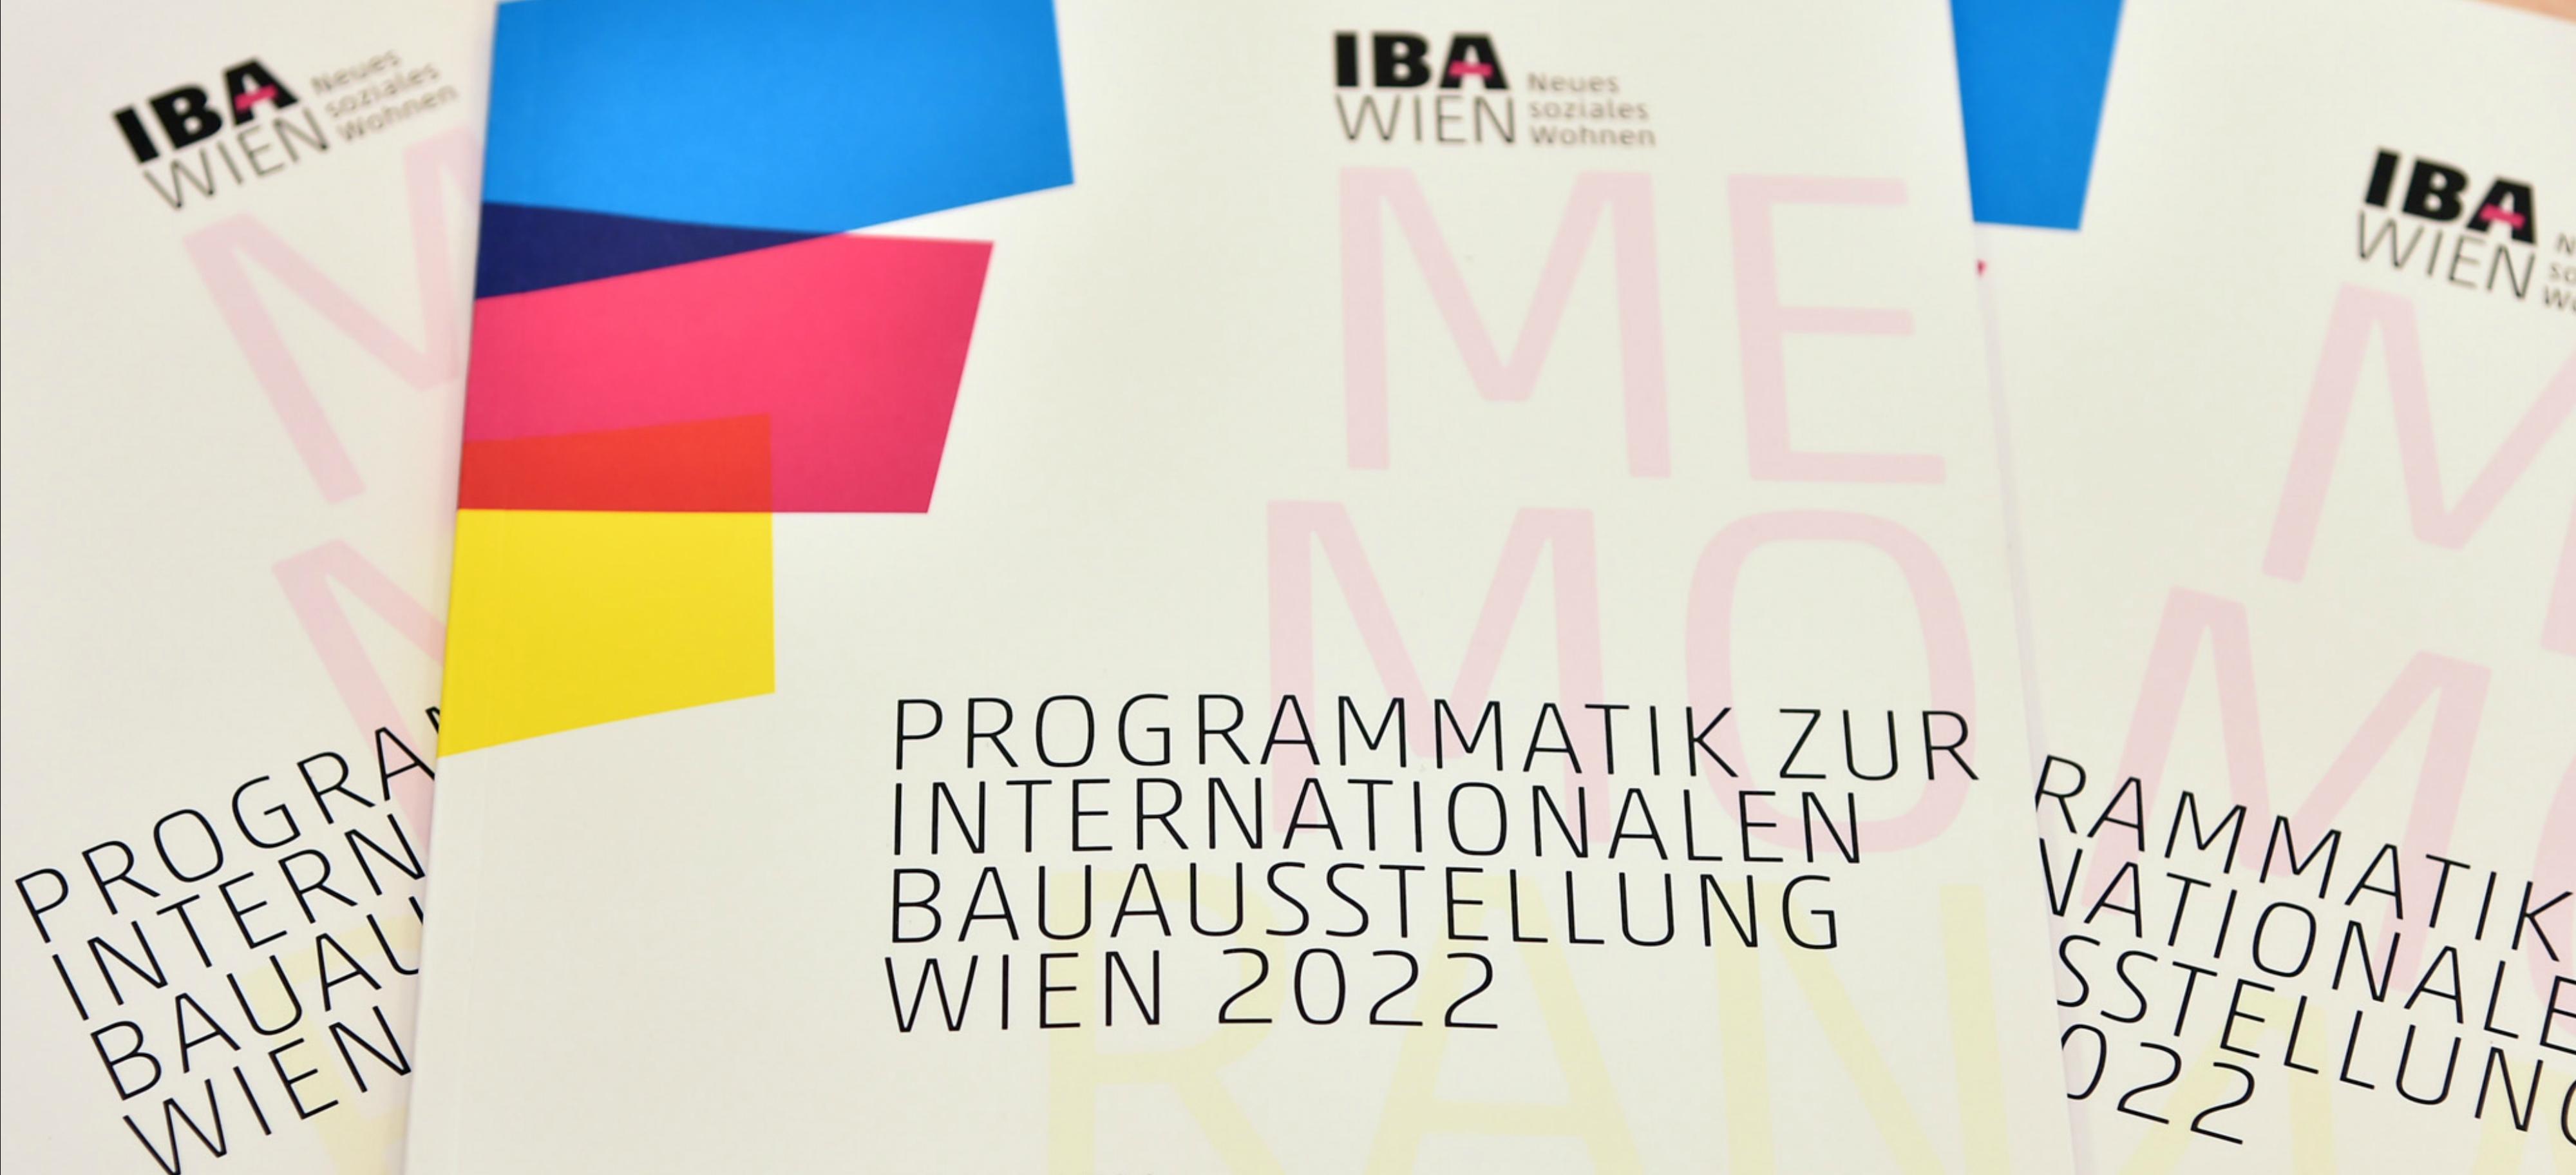 IBA_Wien Programmatik ©PID/ C. Jobst